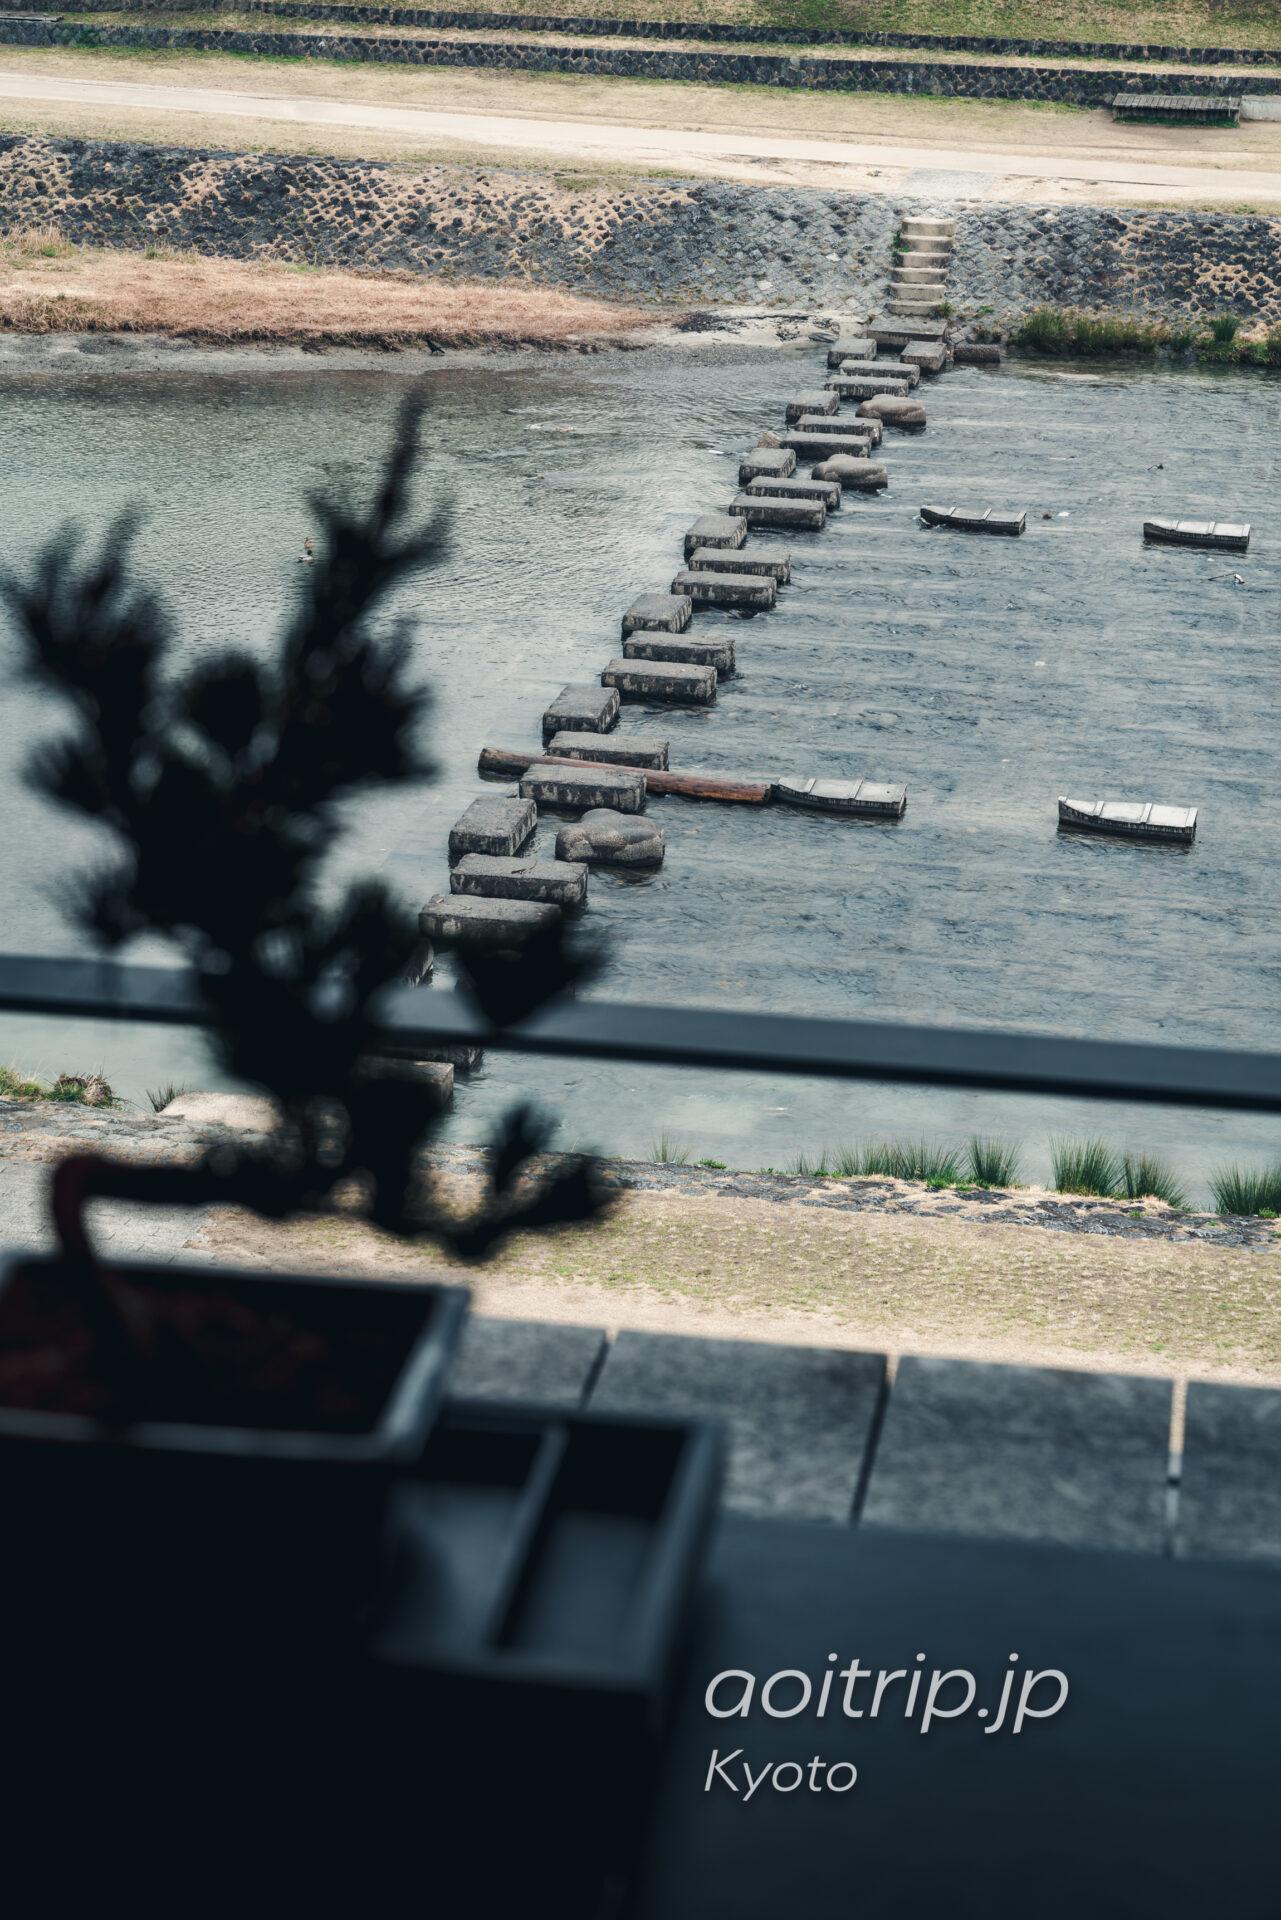 ザ リッツ カールトン京都 The Ritz-Carlton Kyoto コーナースイート KITA Courner Suite KITA 鴨川の眺望